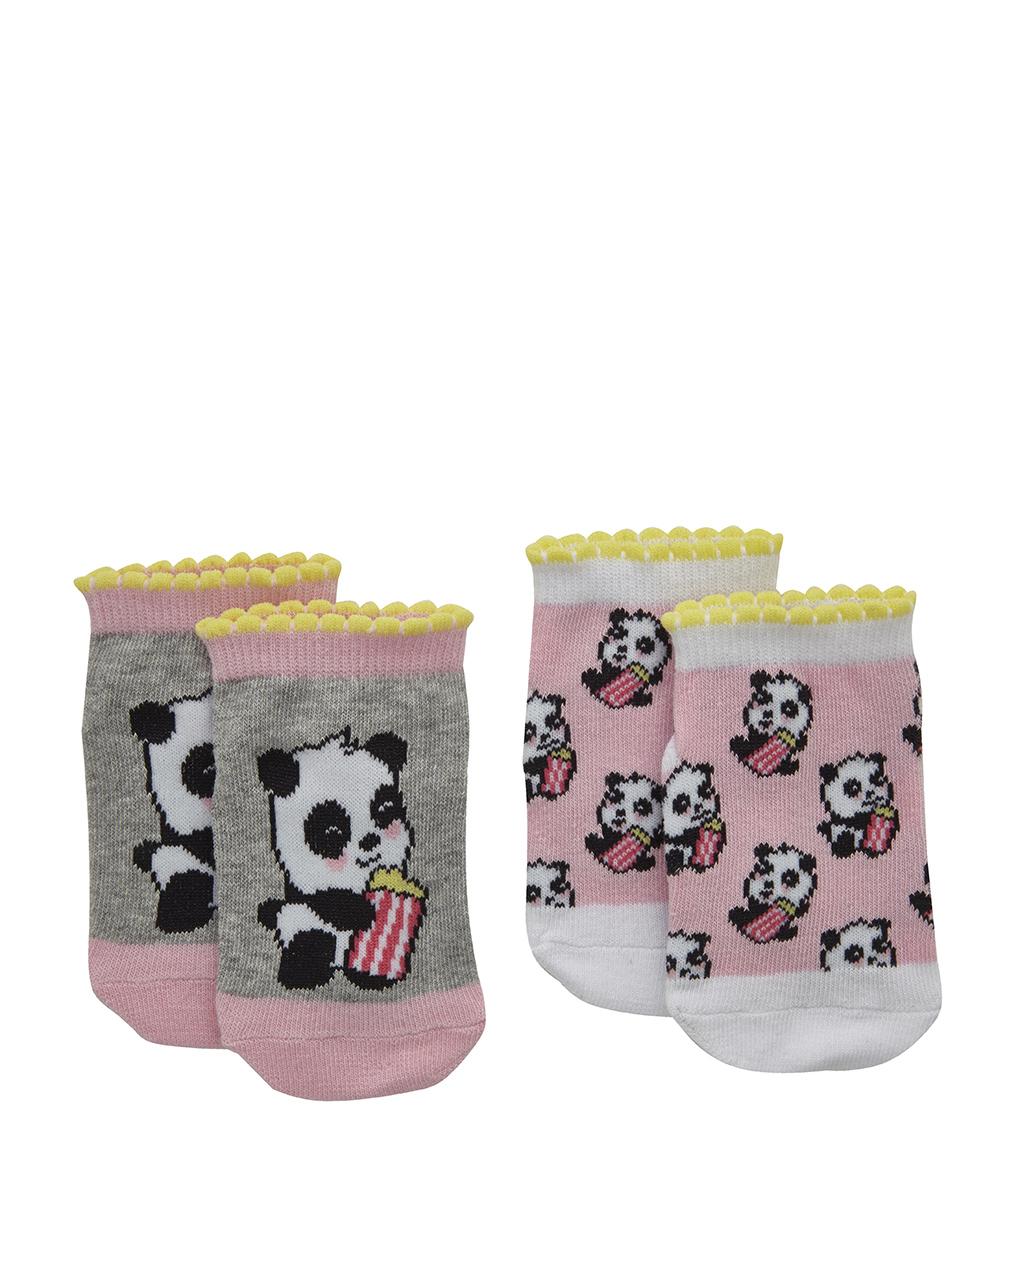 Καλτσάκια Κοντά με Σχέδιο Panda Πακέτο x2 για Κορίτσι